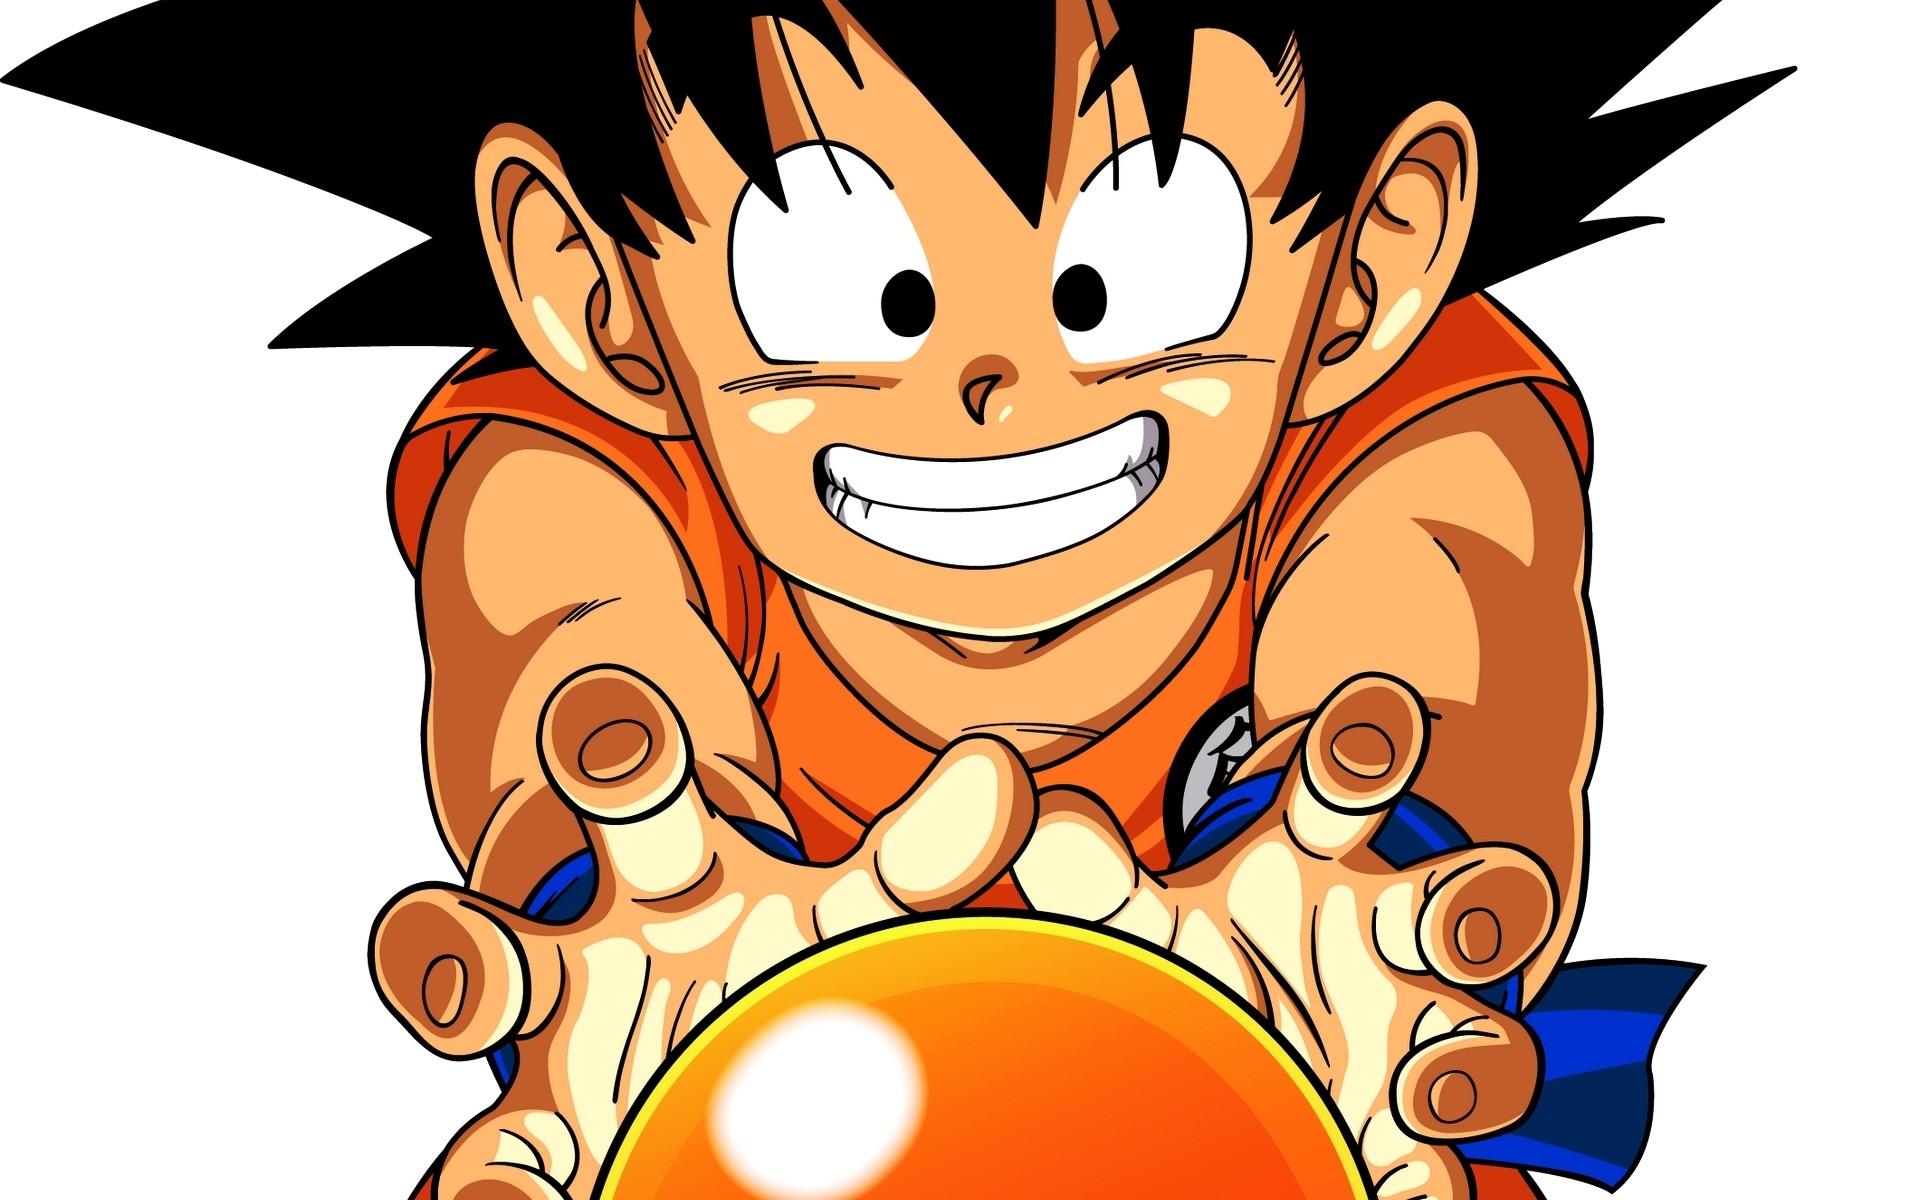 Papel De Parede Ilustracao Anime Desenho Animado Filho Goku